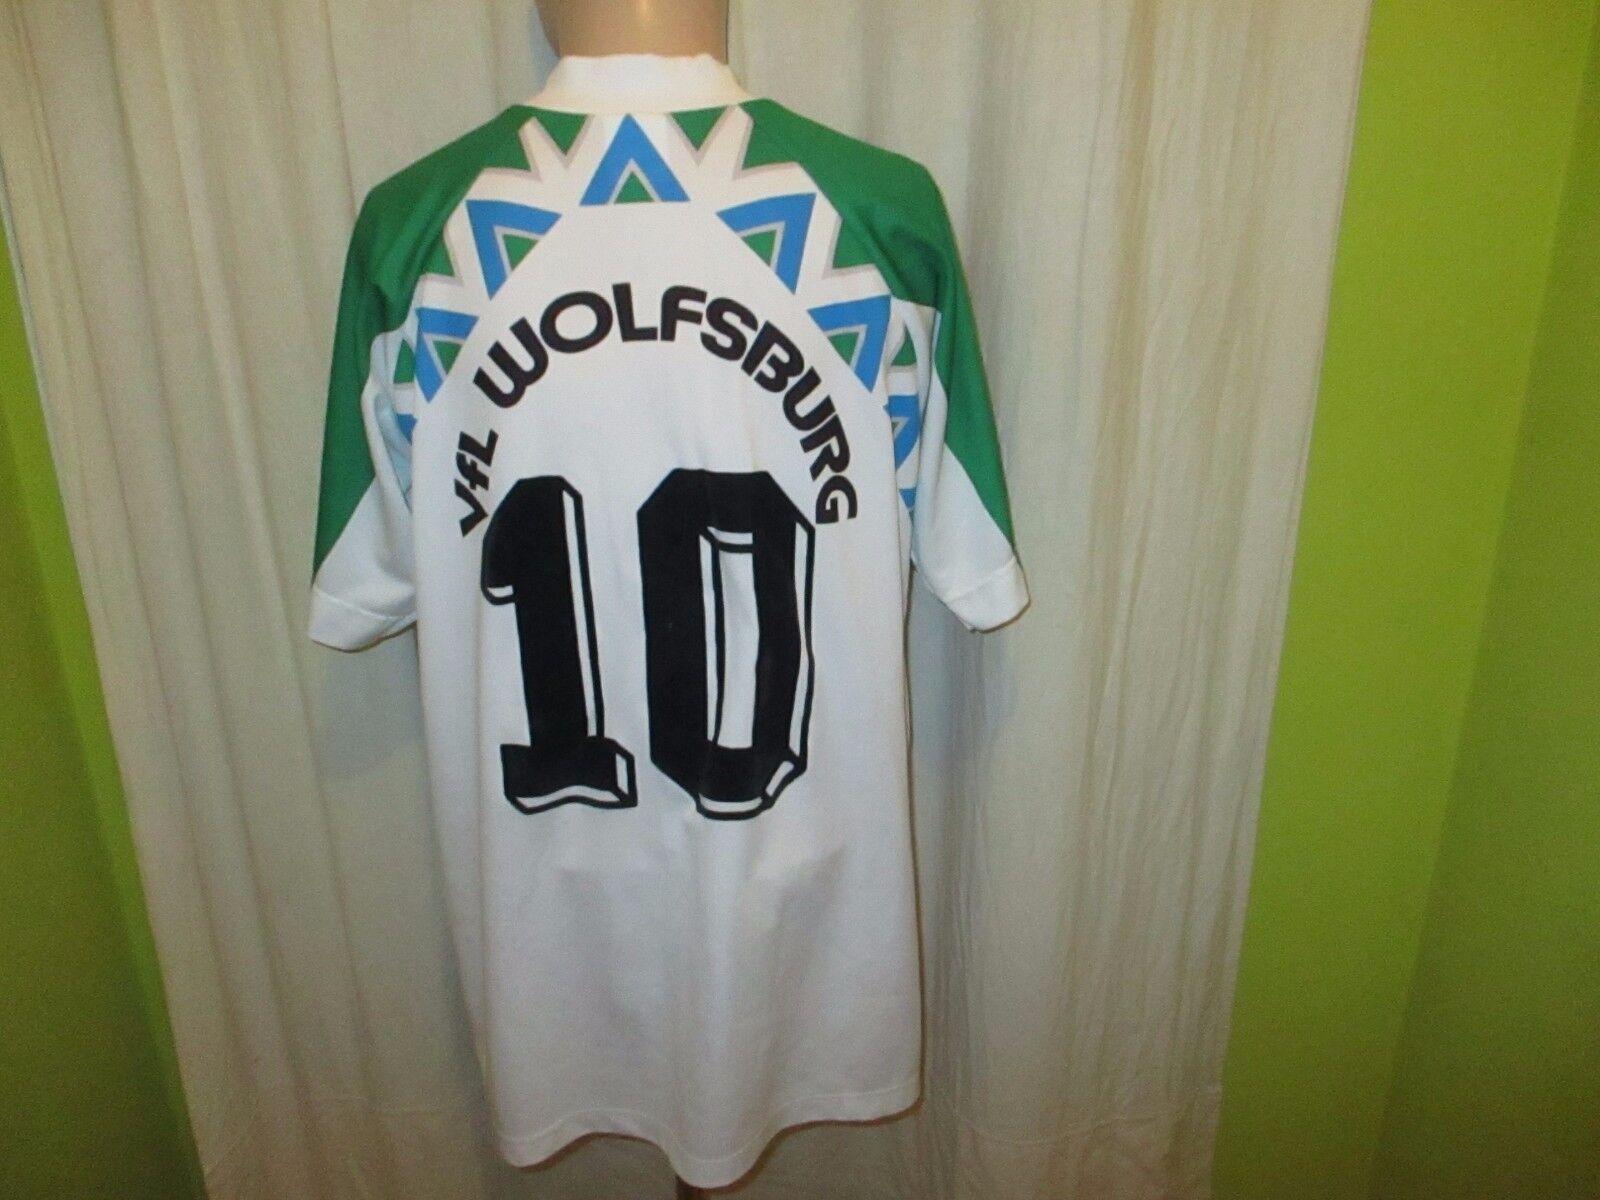 VfL Wolfsburg Original reusch Heim Trikot 1994/95